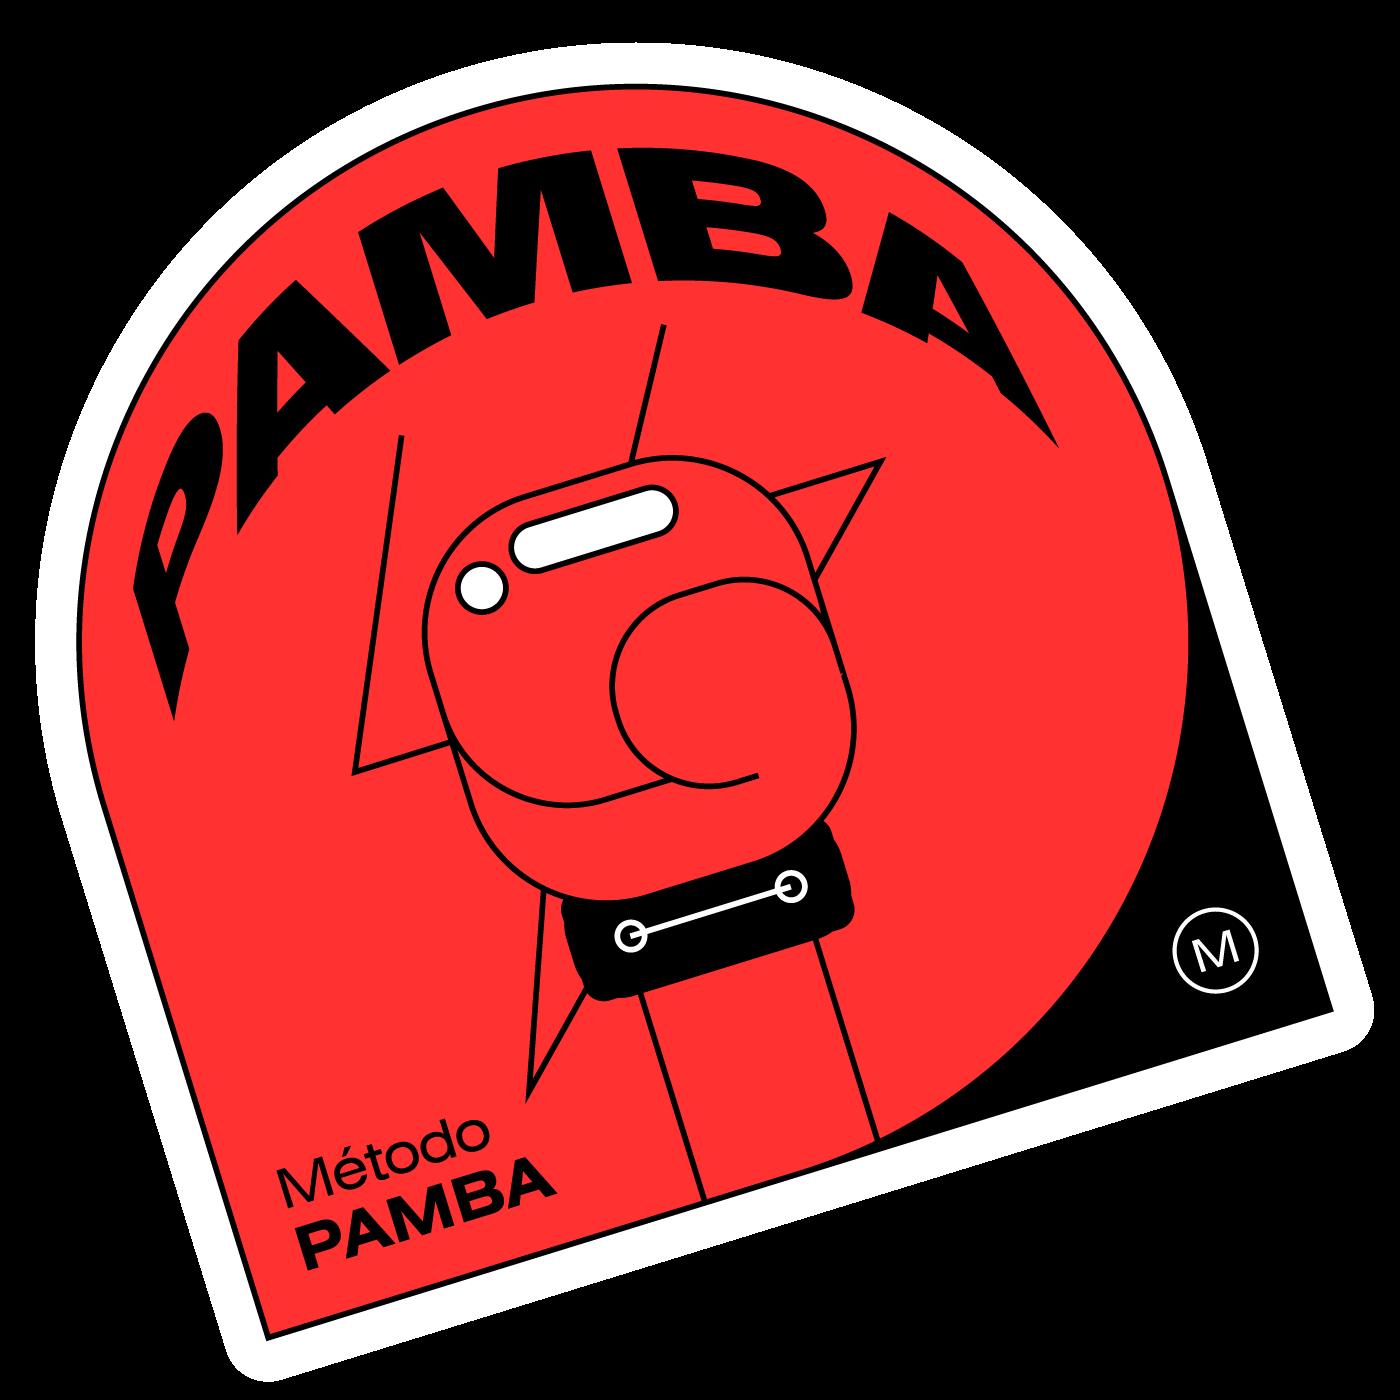 PAMBA_thumbnail